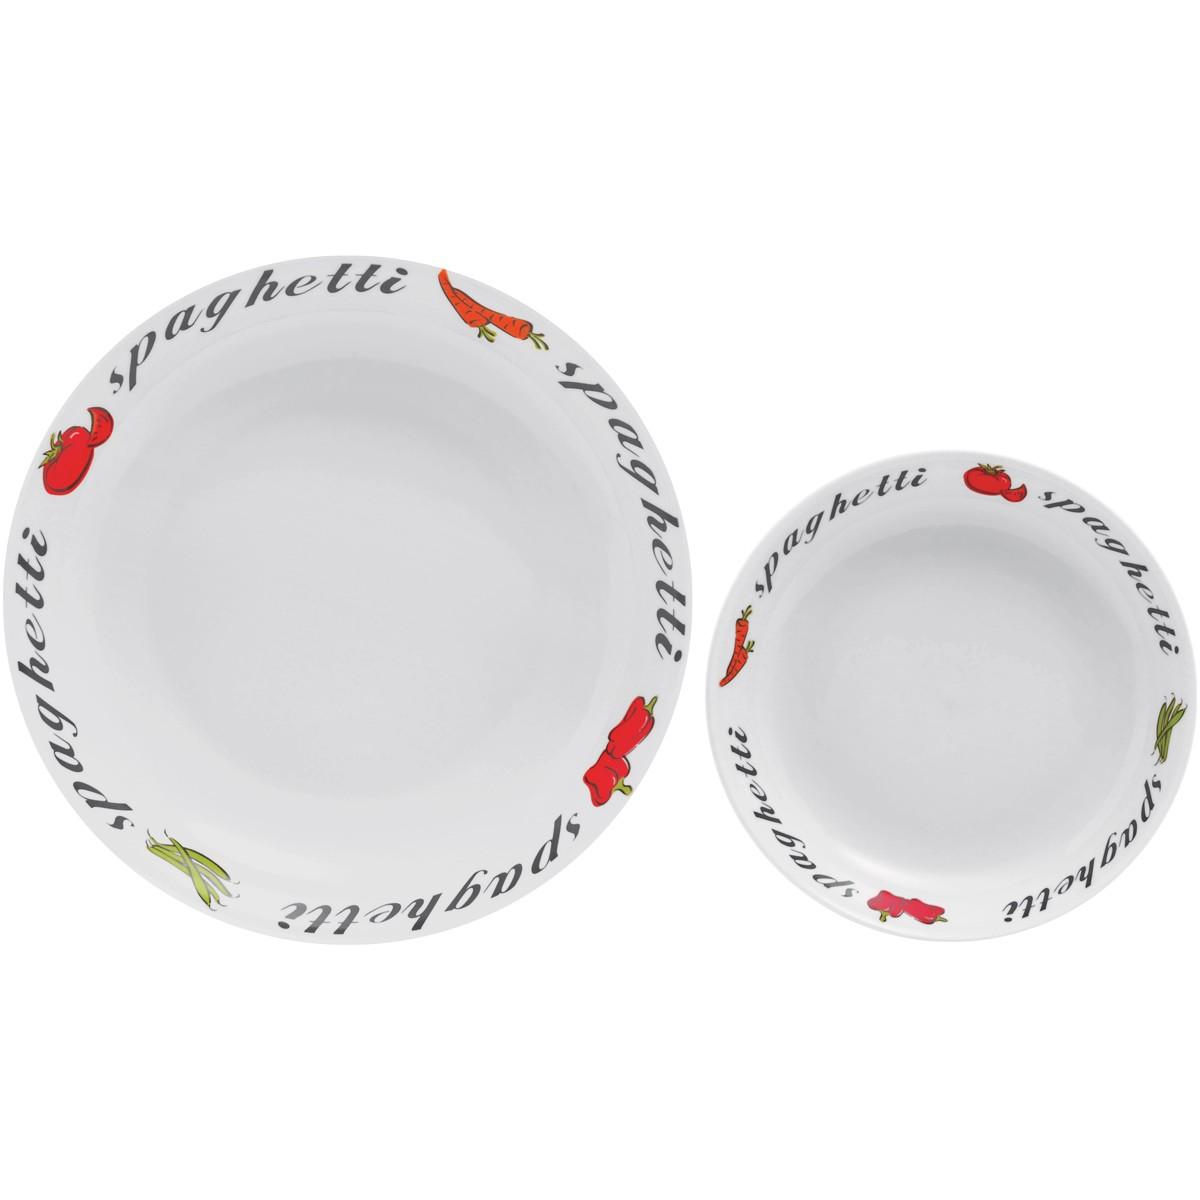 Πιάτα Φαγητού Βαθιά + Μπωλιέρα (Σετ) Home Design LEB1301/7